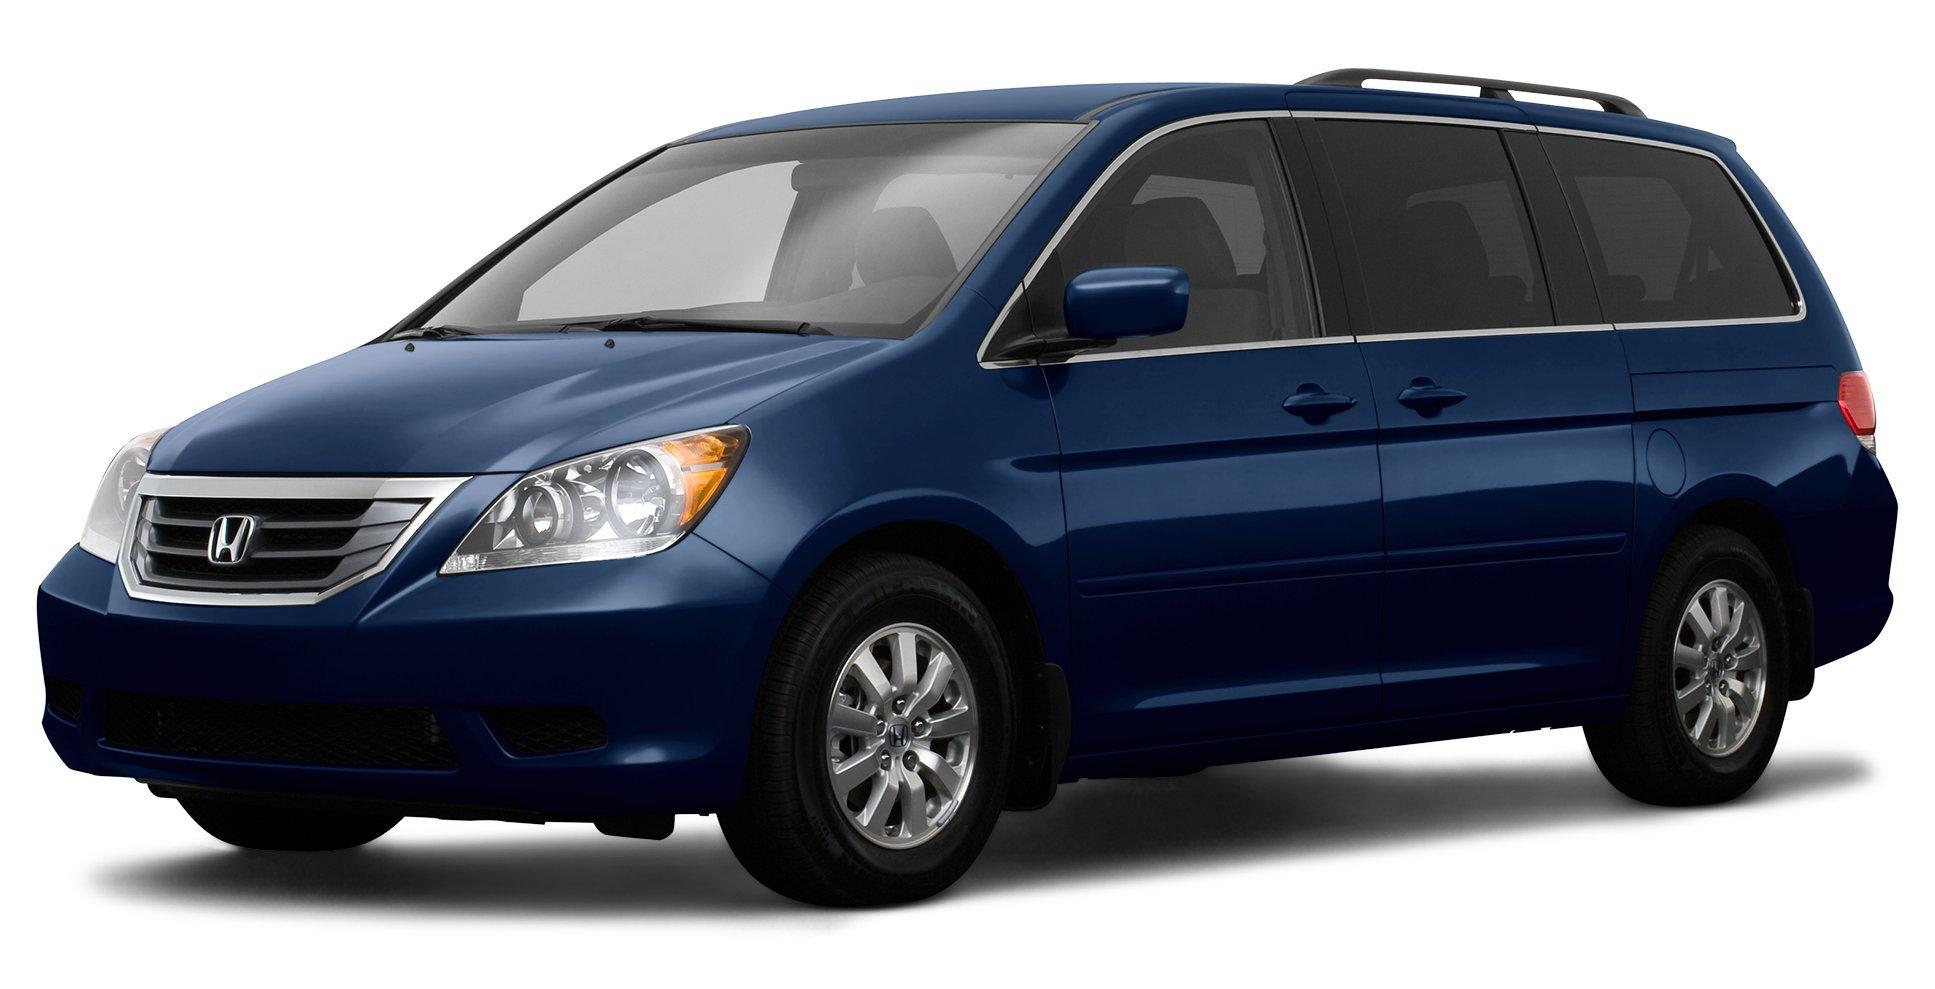 Amazon.com: 2009 Honda Odyssey Reviews, Images, and Specs ...